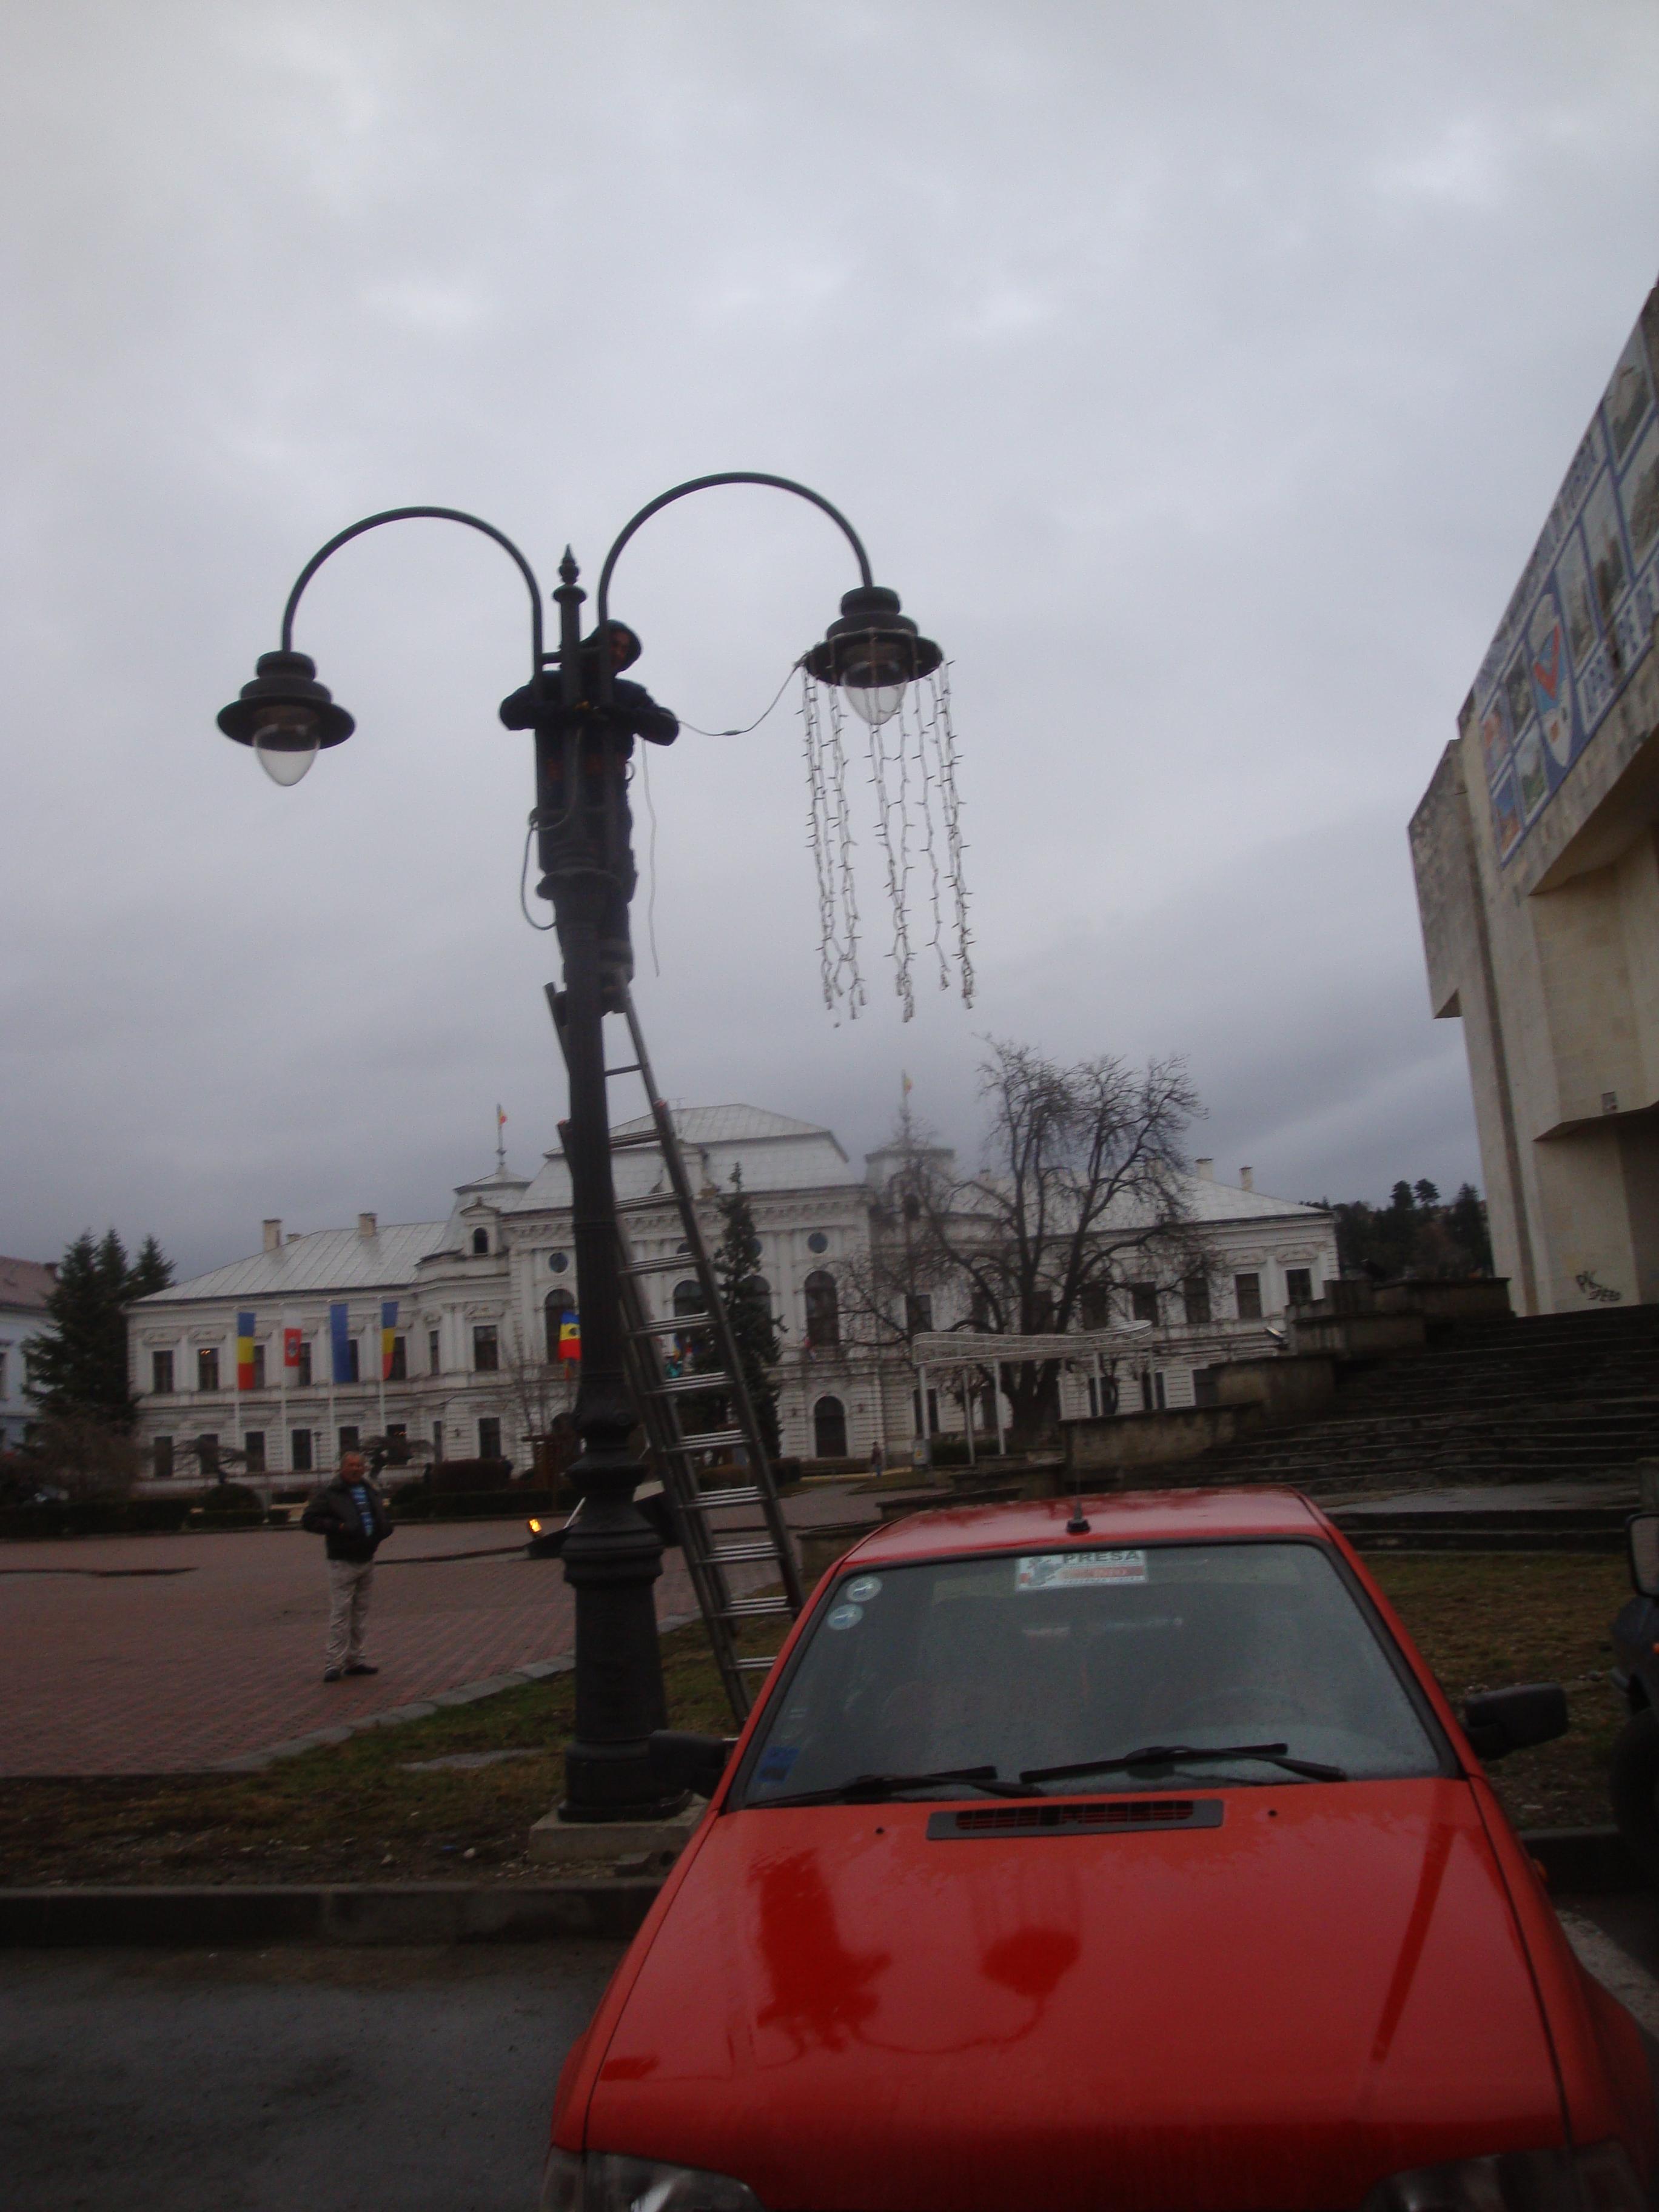 http://zamfirpop.files.wordpress.com/2012/04/turda-dsc09410.jpg